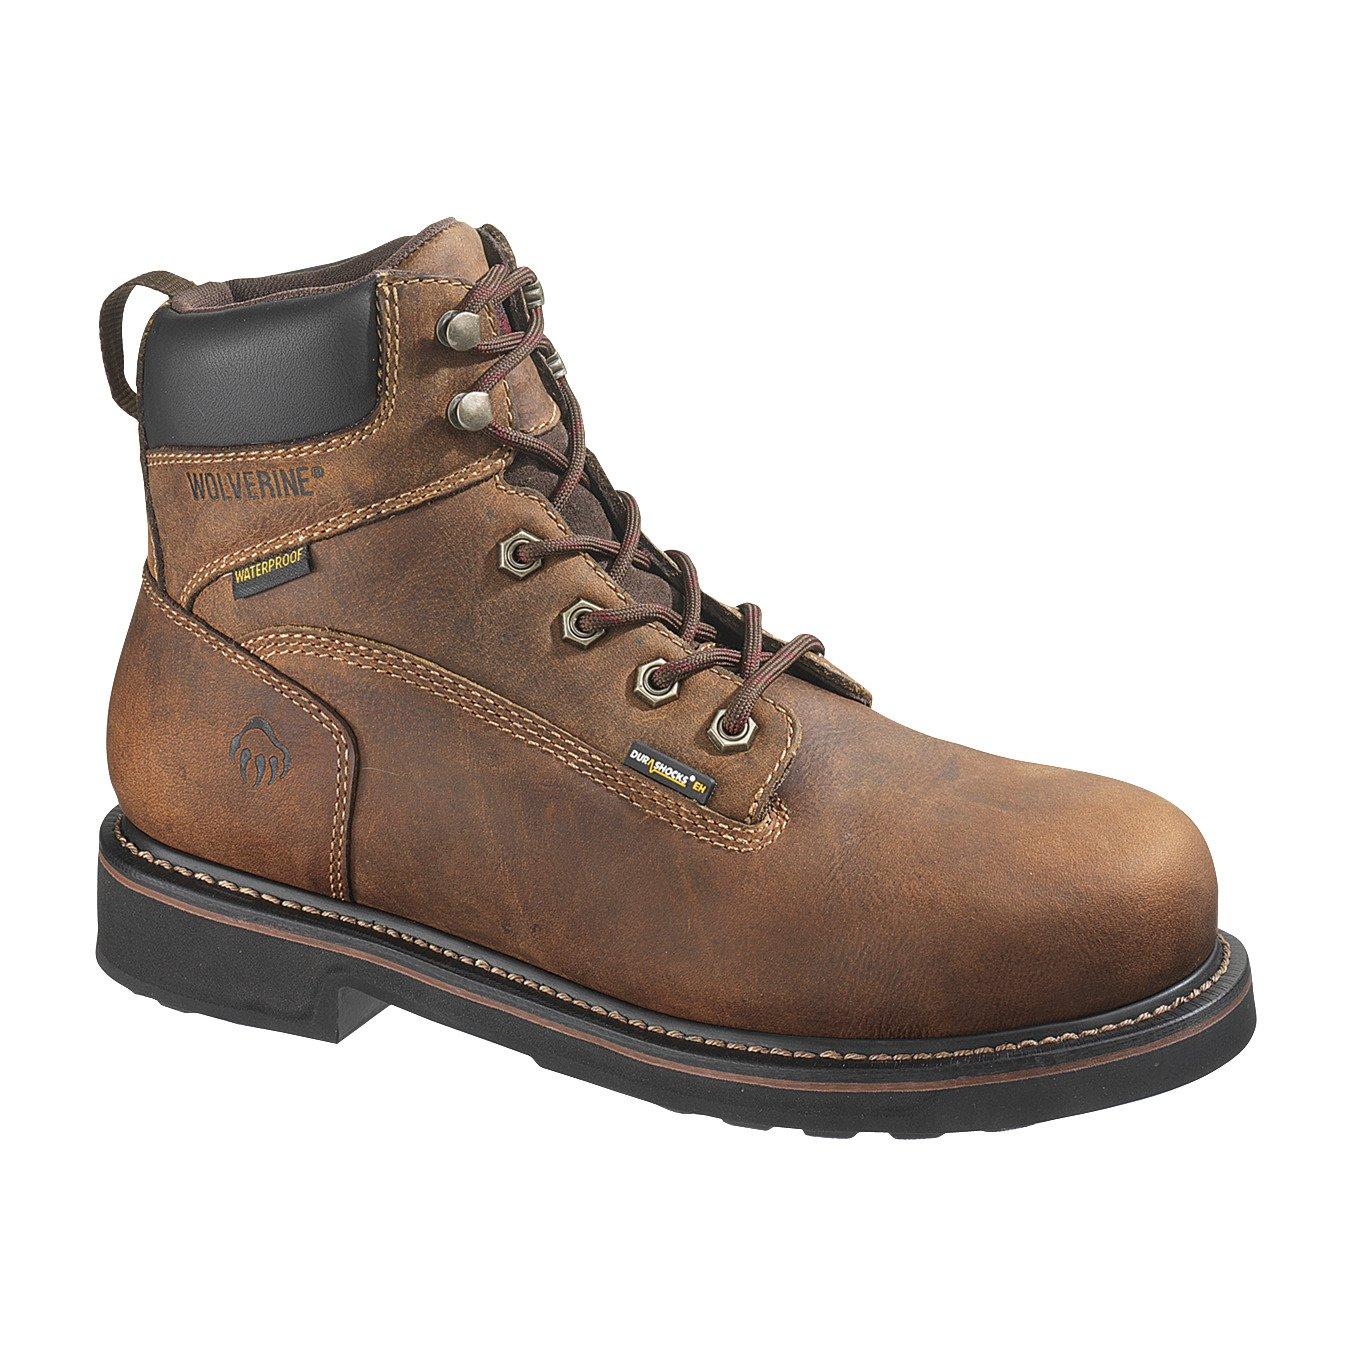 Display product reviews for Wolverine Men's Brek DuraShocks Steel-Toe EH Work Boots